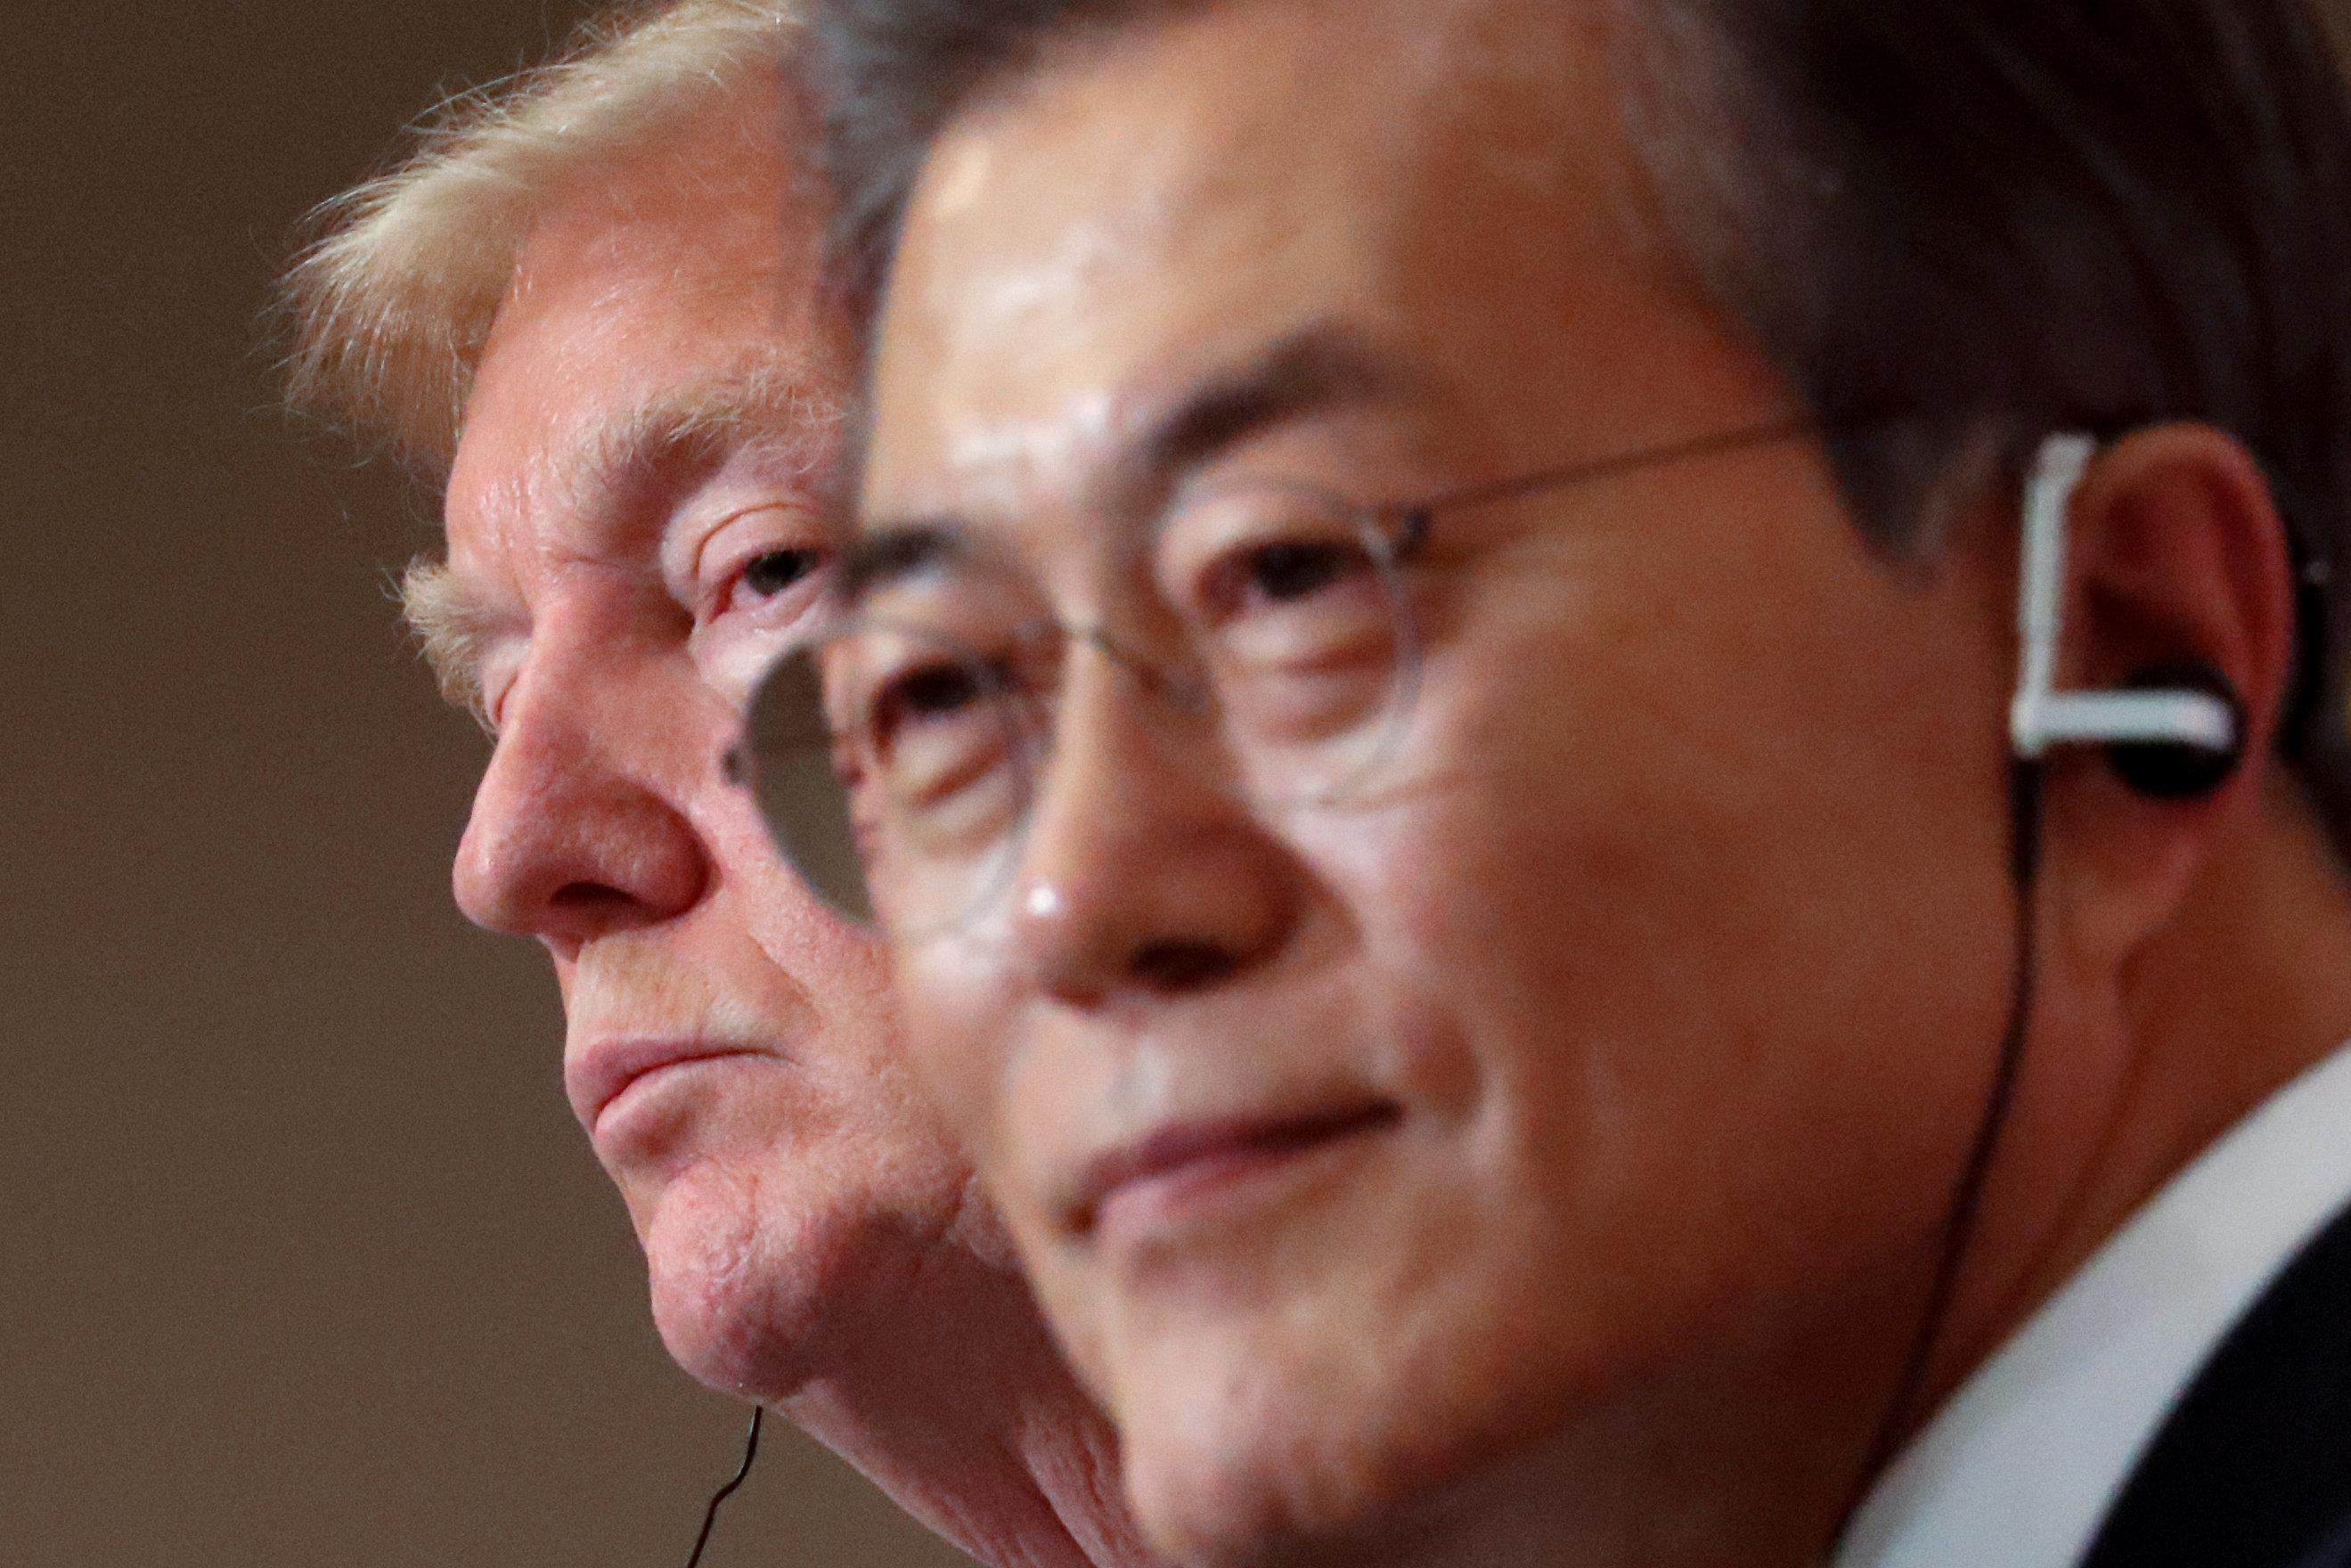 우드워드의 책 '공포'에 나온, 트럼프가 한국에 대해 했다는 말들